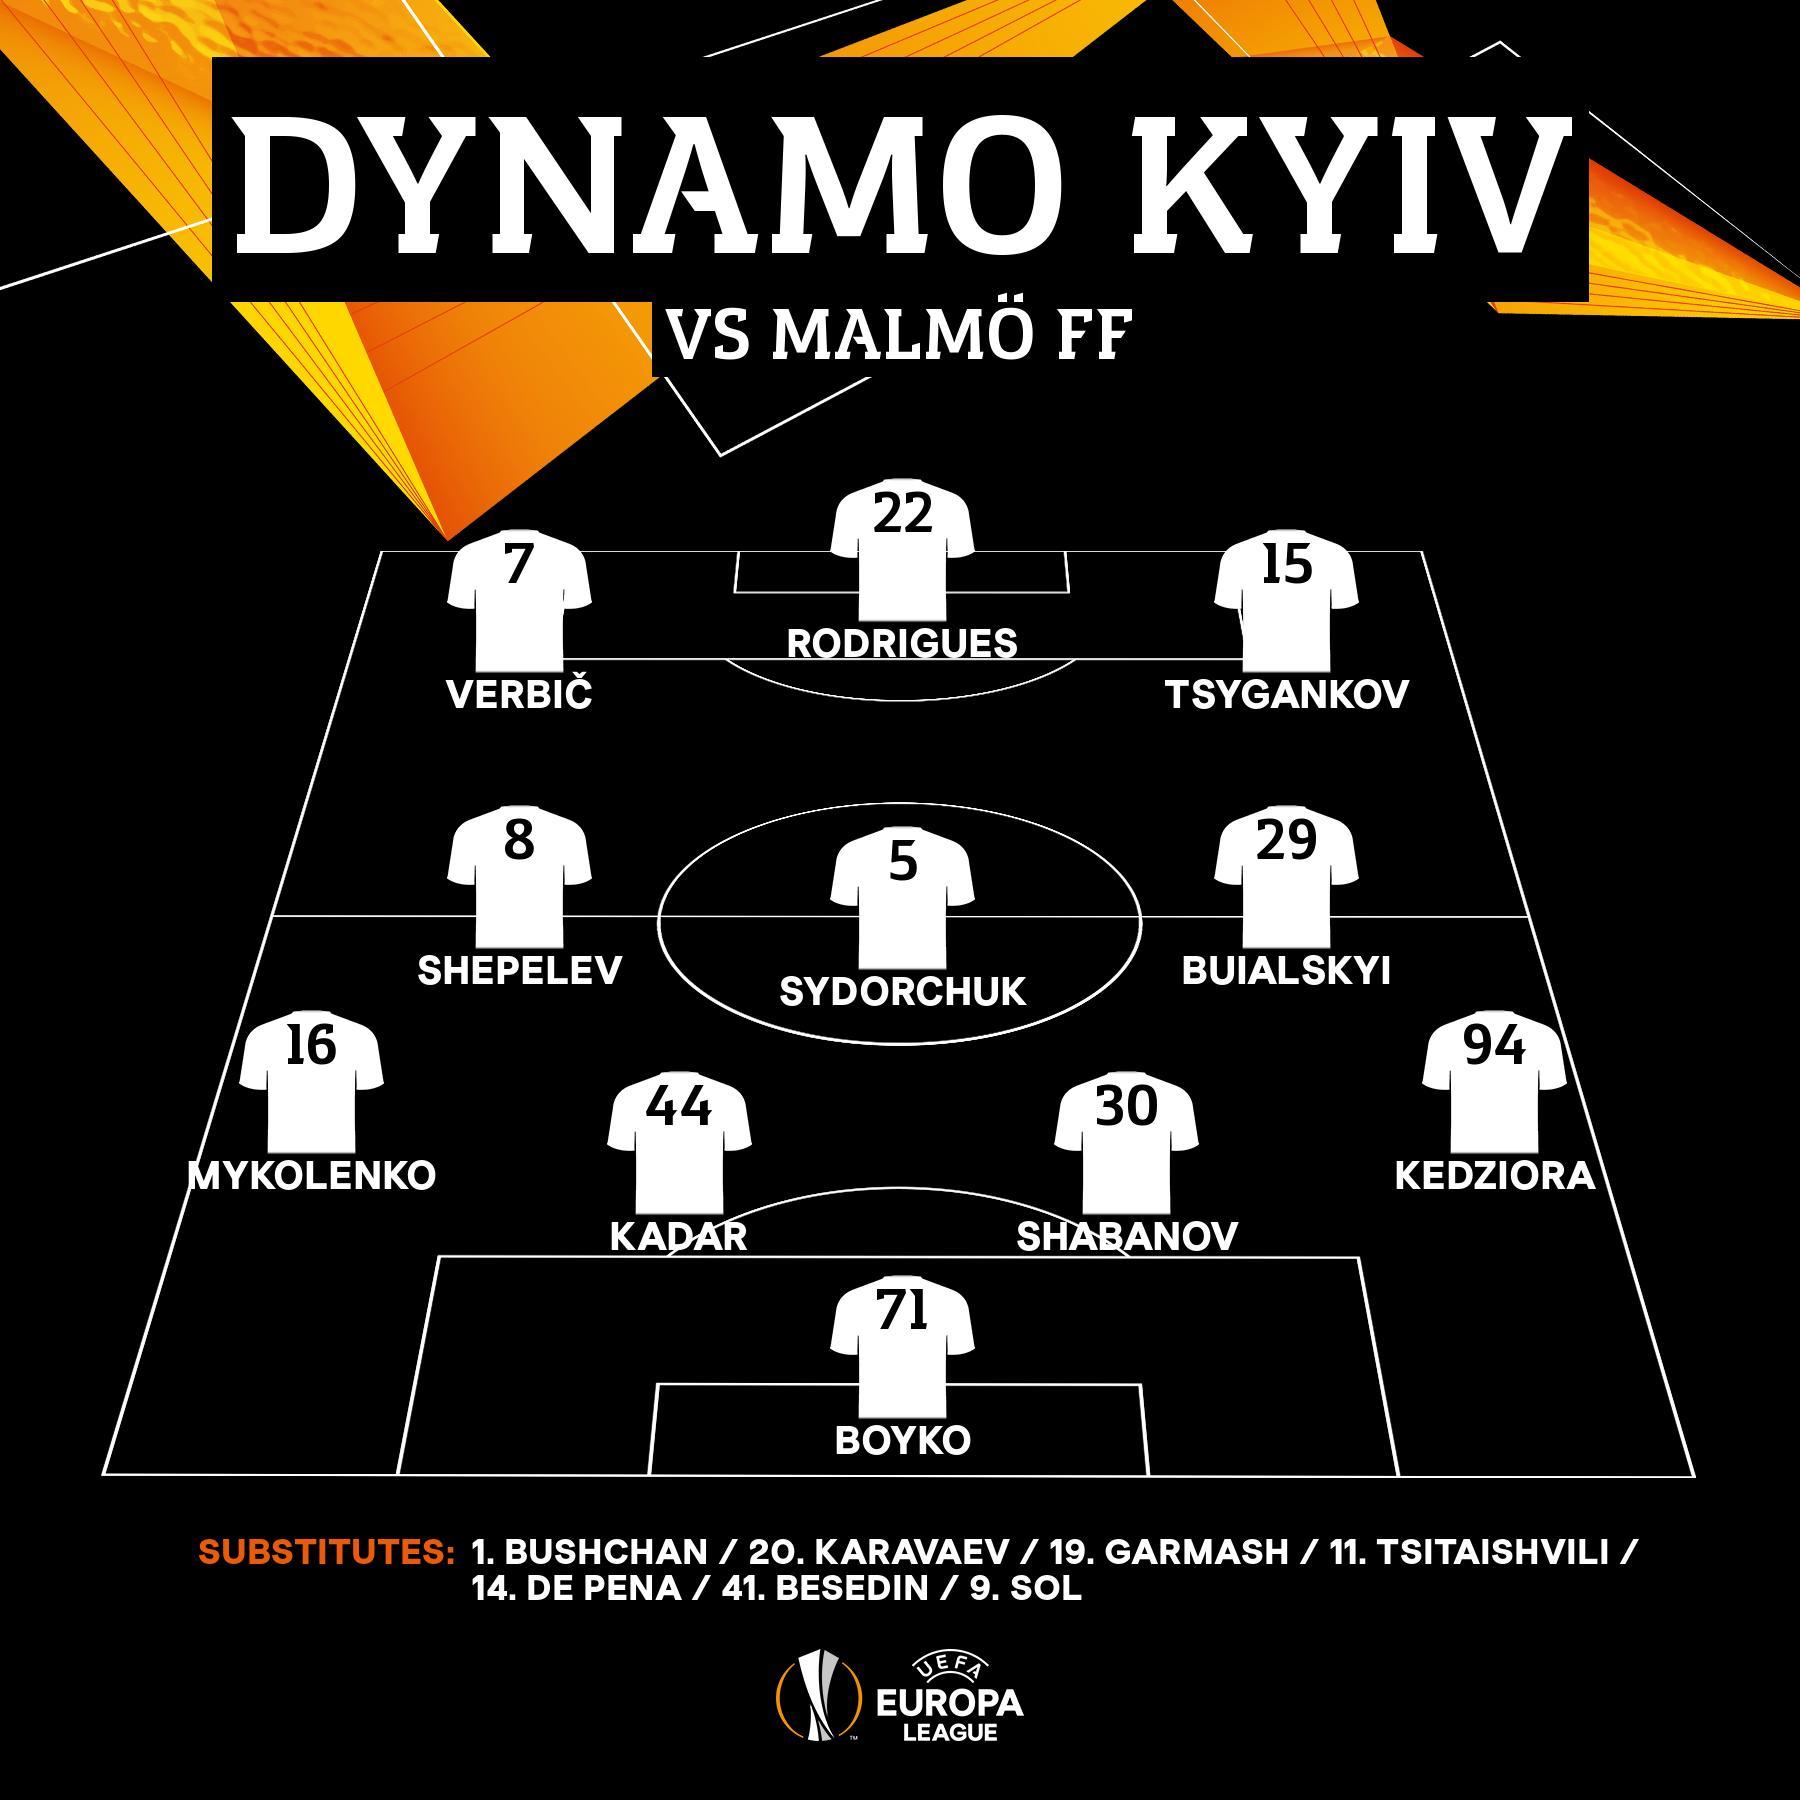 Динамо Киев (Украина) - Мальмё ФФ (Швеция) 1:0. Нажмите, чтобы посмотреть истинный размер рисунка